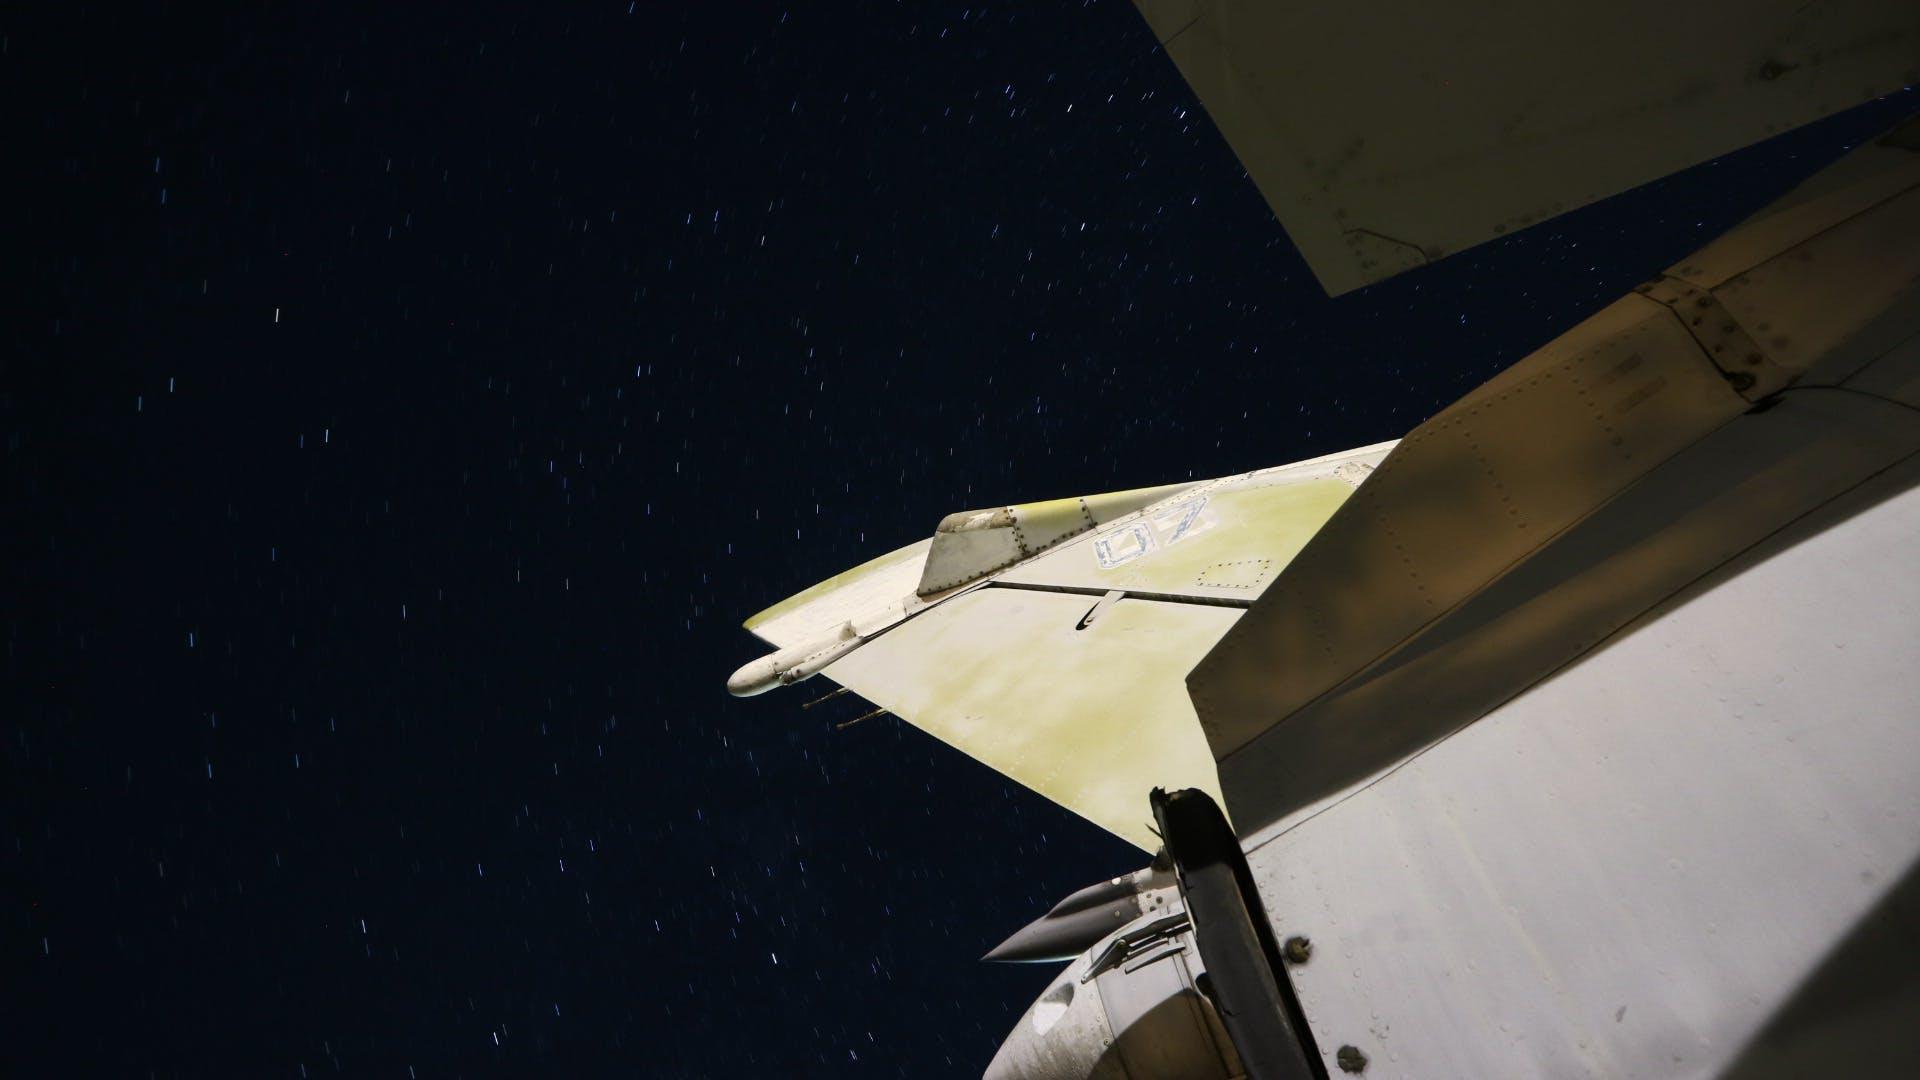 Free stock photo of airplane, black, night, night shooting